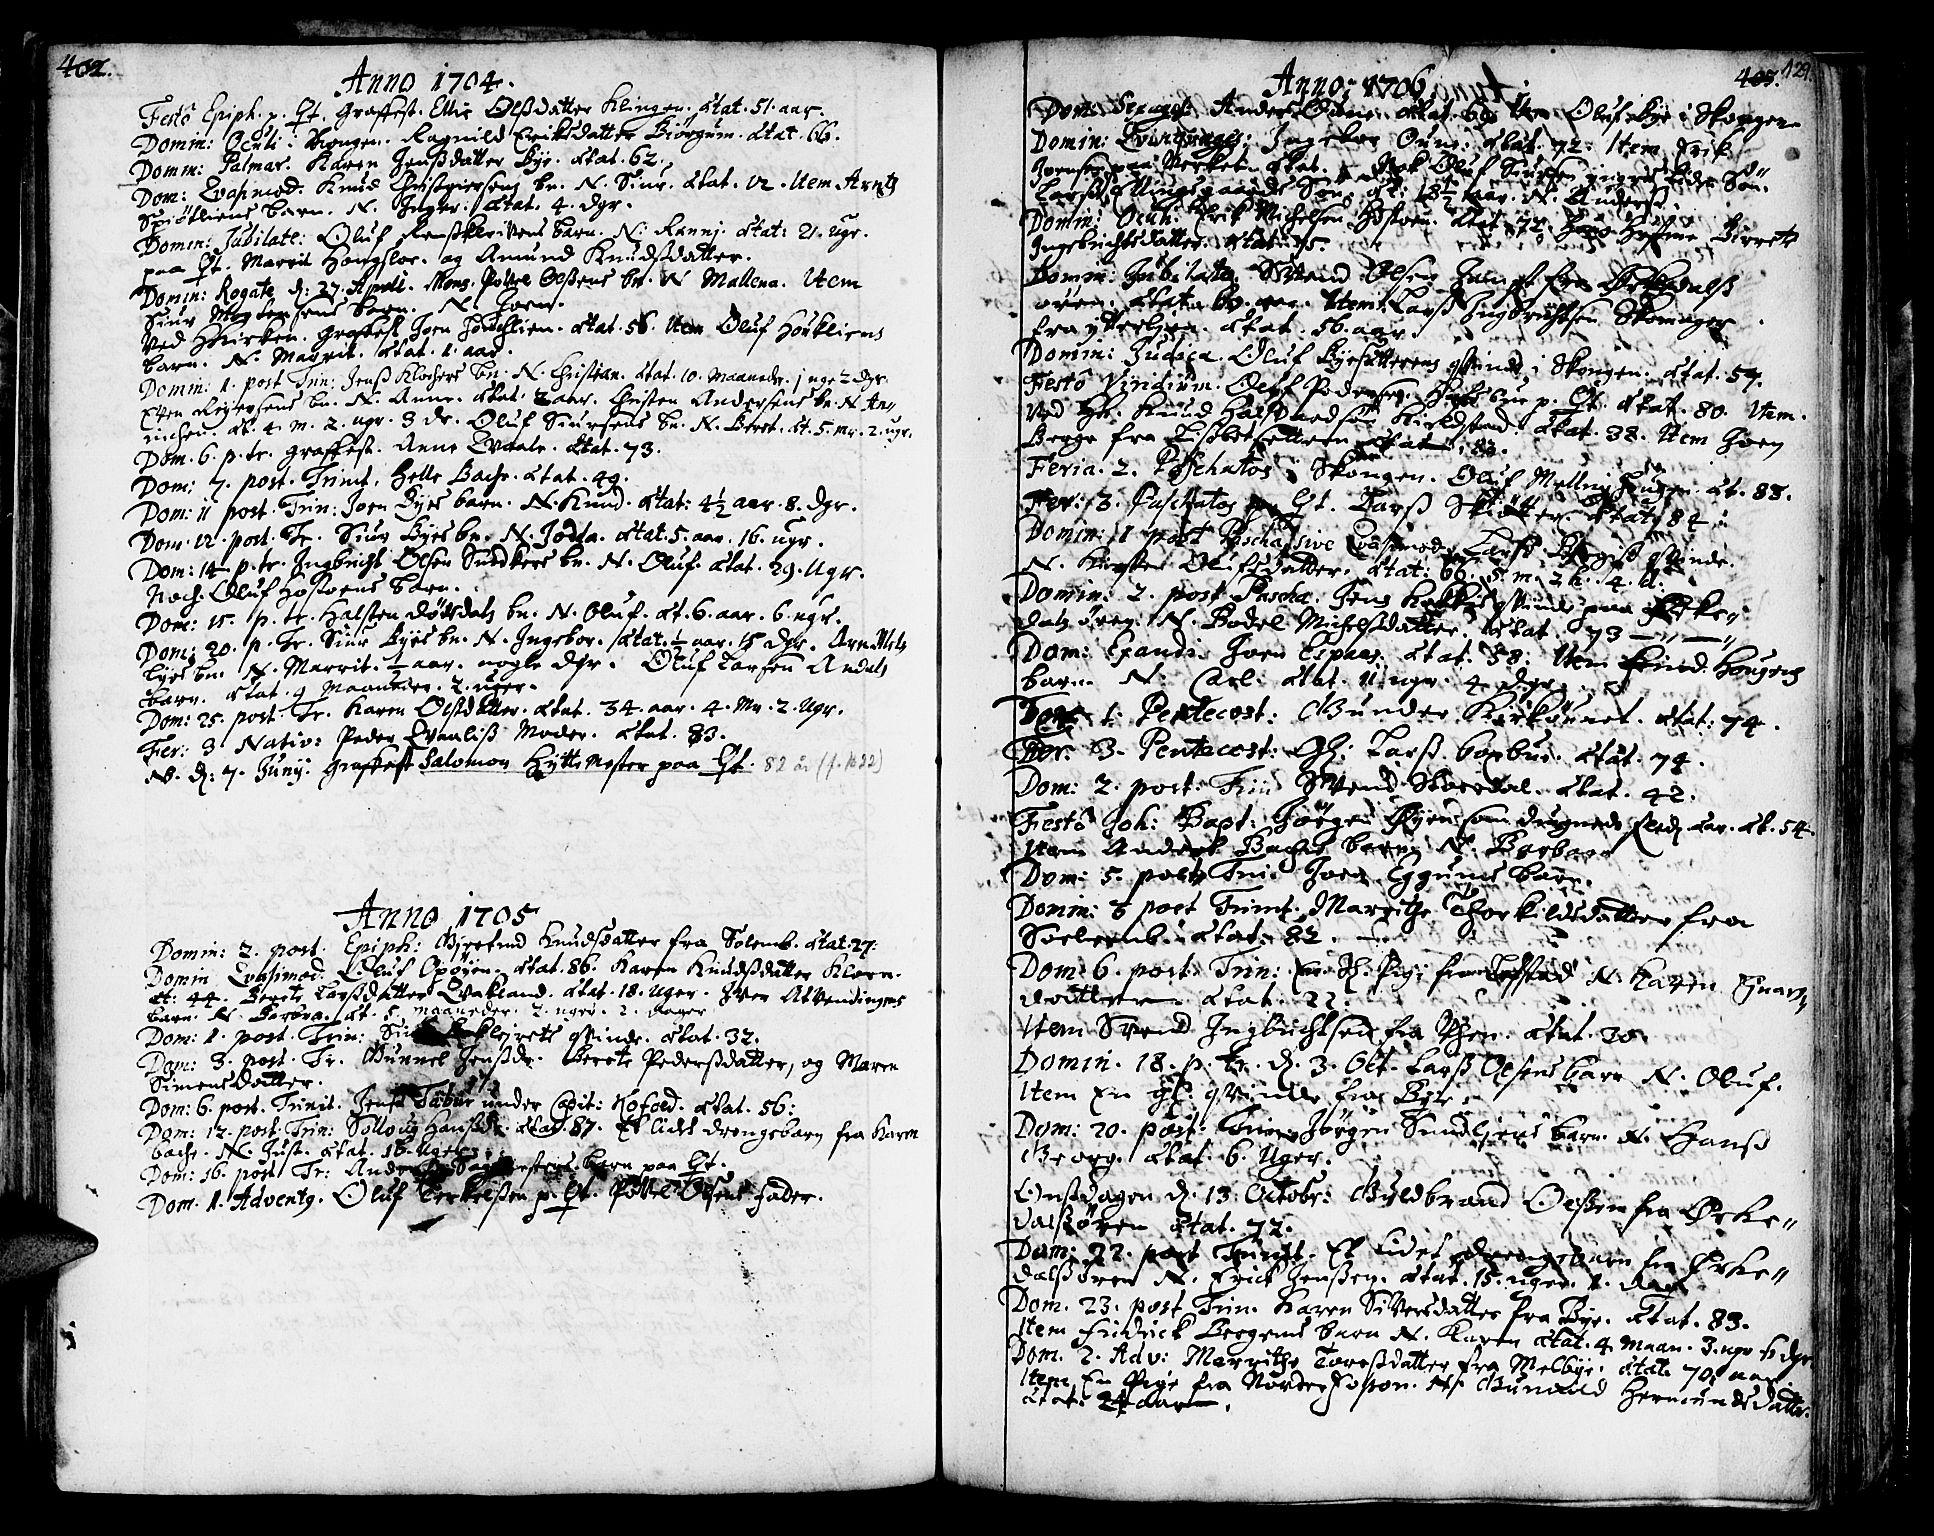 SAT, Ministerialprotokoller, klokkerbøker og fødselsregistre - Sør-Trøndelag, 668/L0801: Ministerialbok nr. 668A01, 1695-1716, s. 128-129